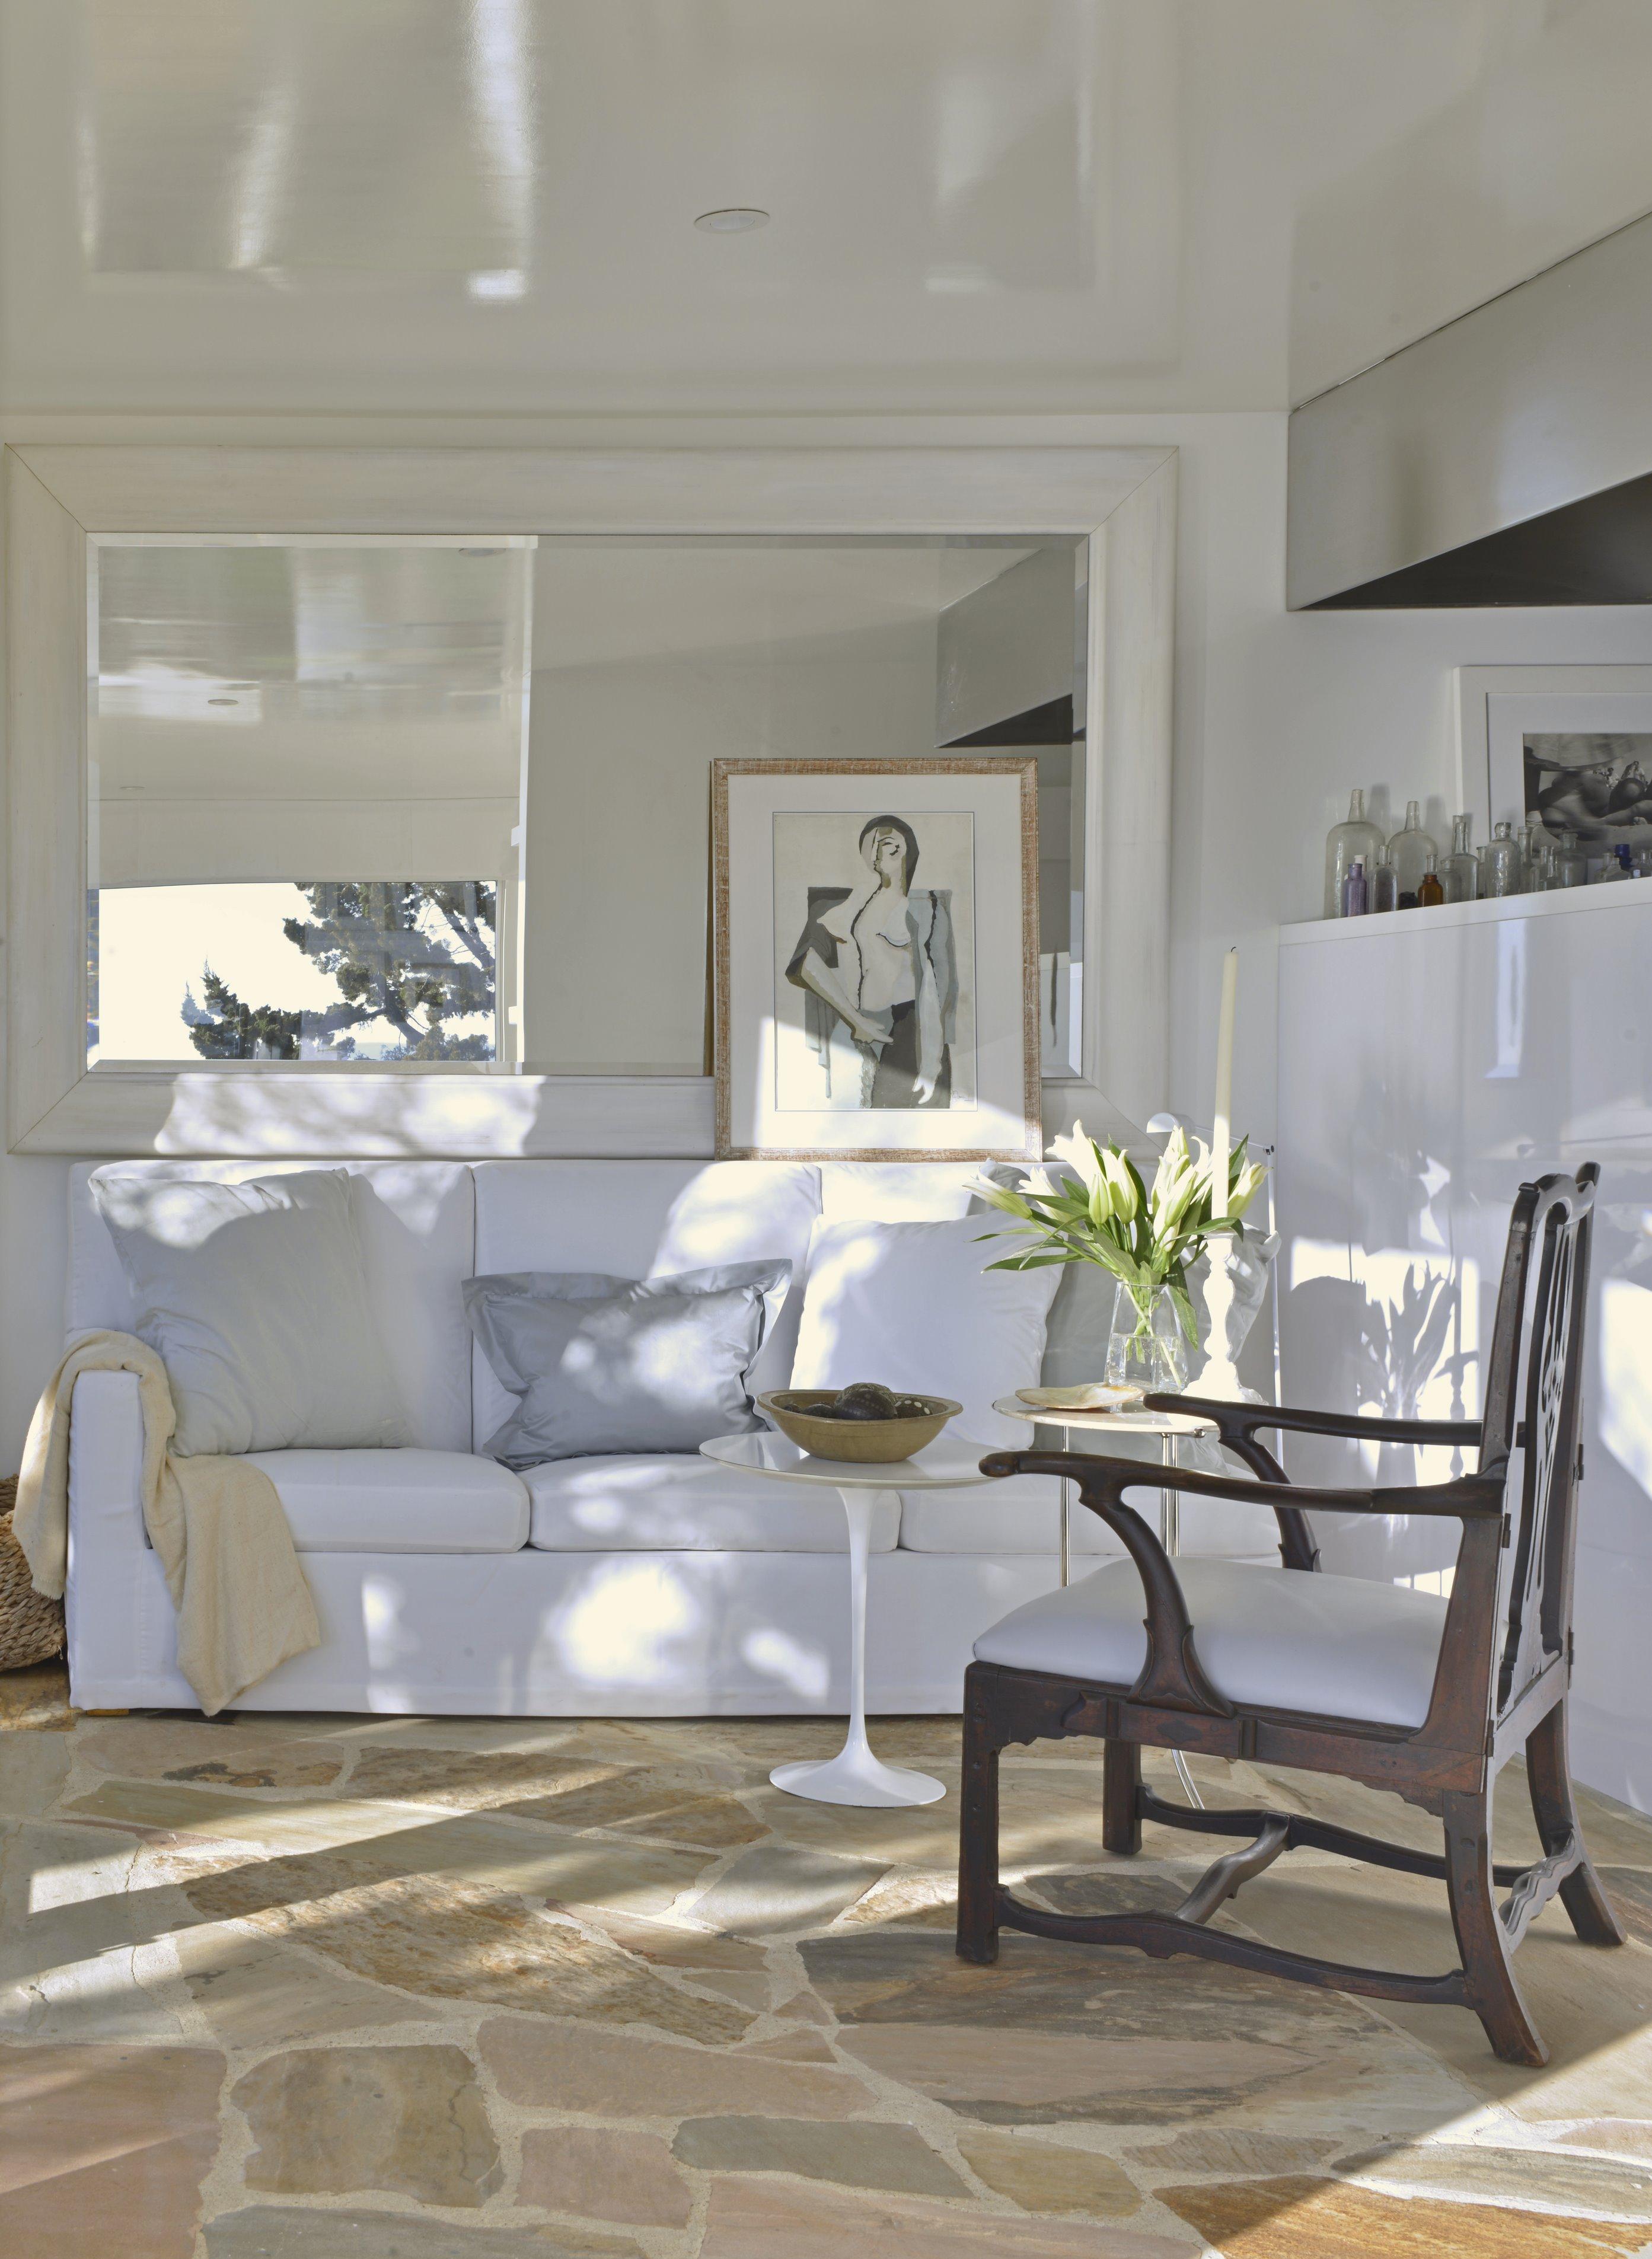 Tastemaker Interior Design